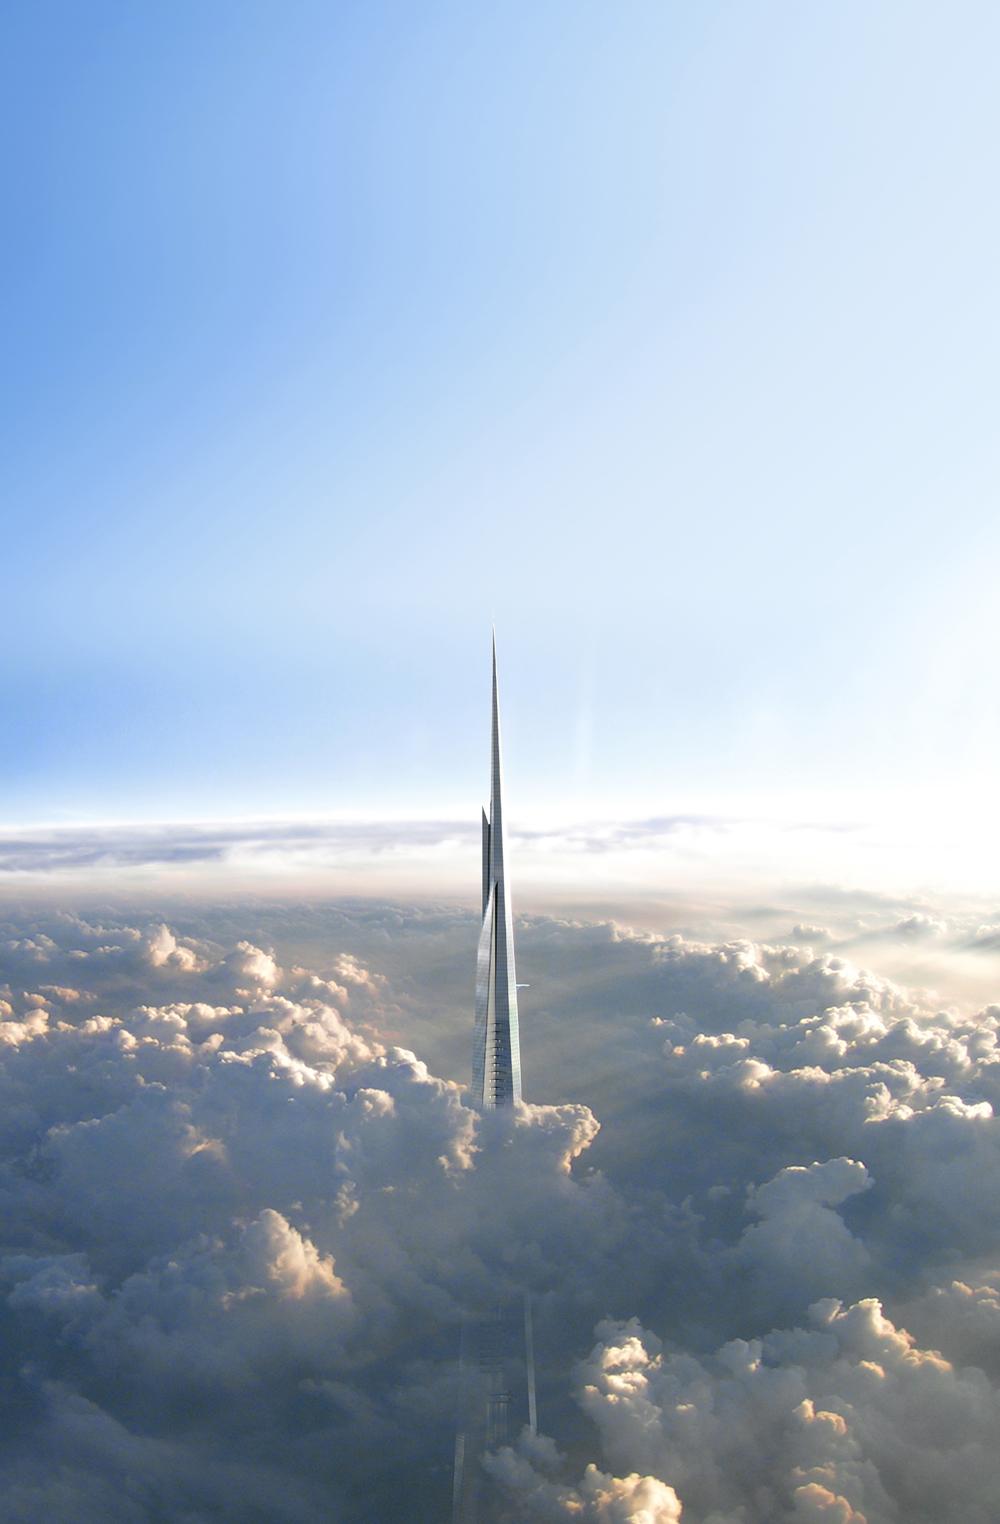 Kingdom Tower : La Plus Grande Tour du Monde fera 1000 mètres de haut